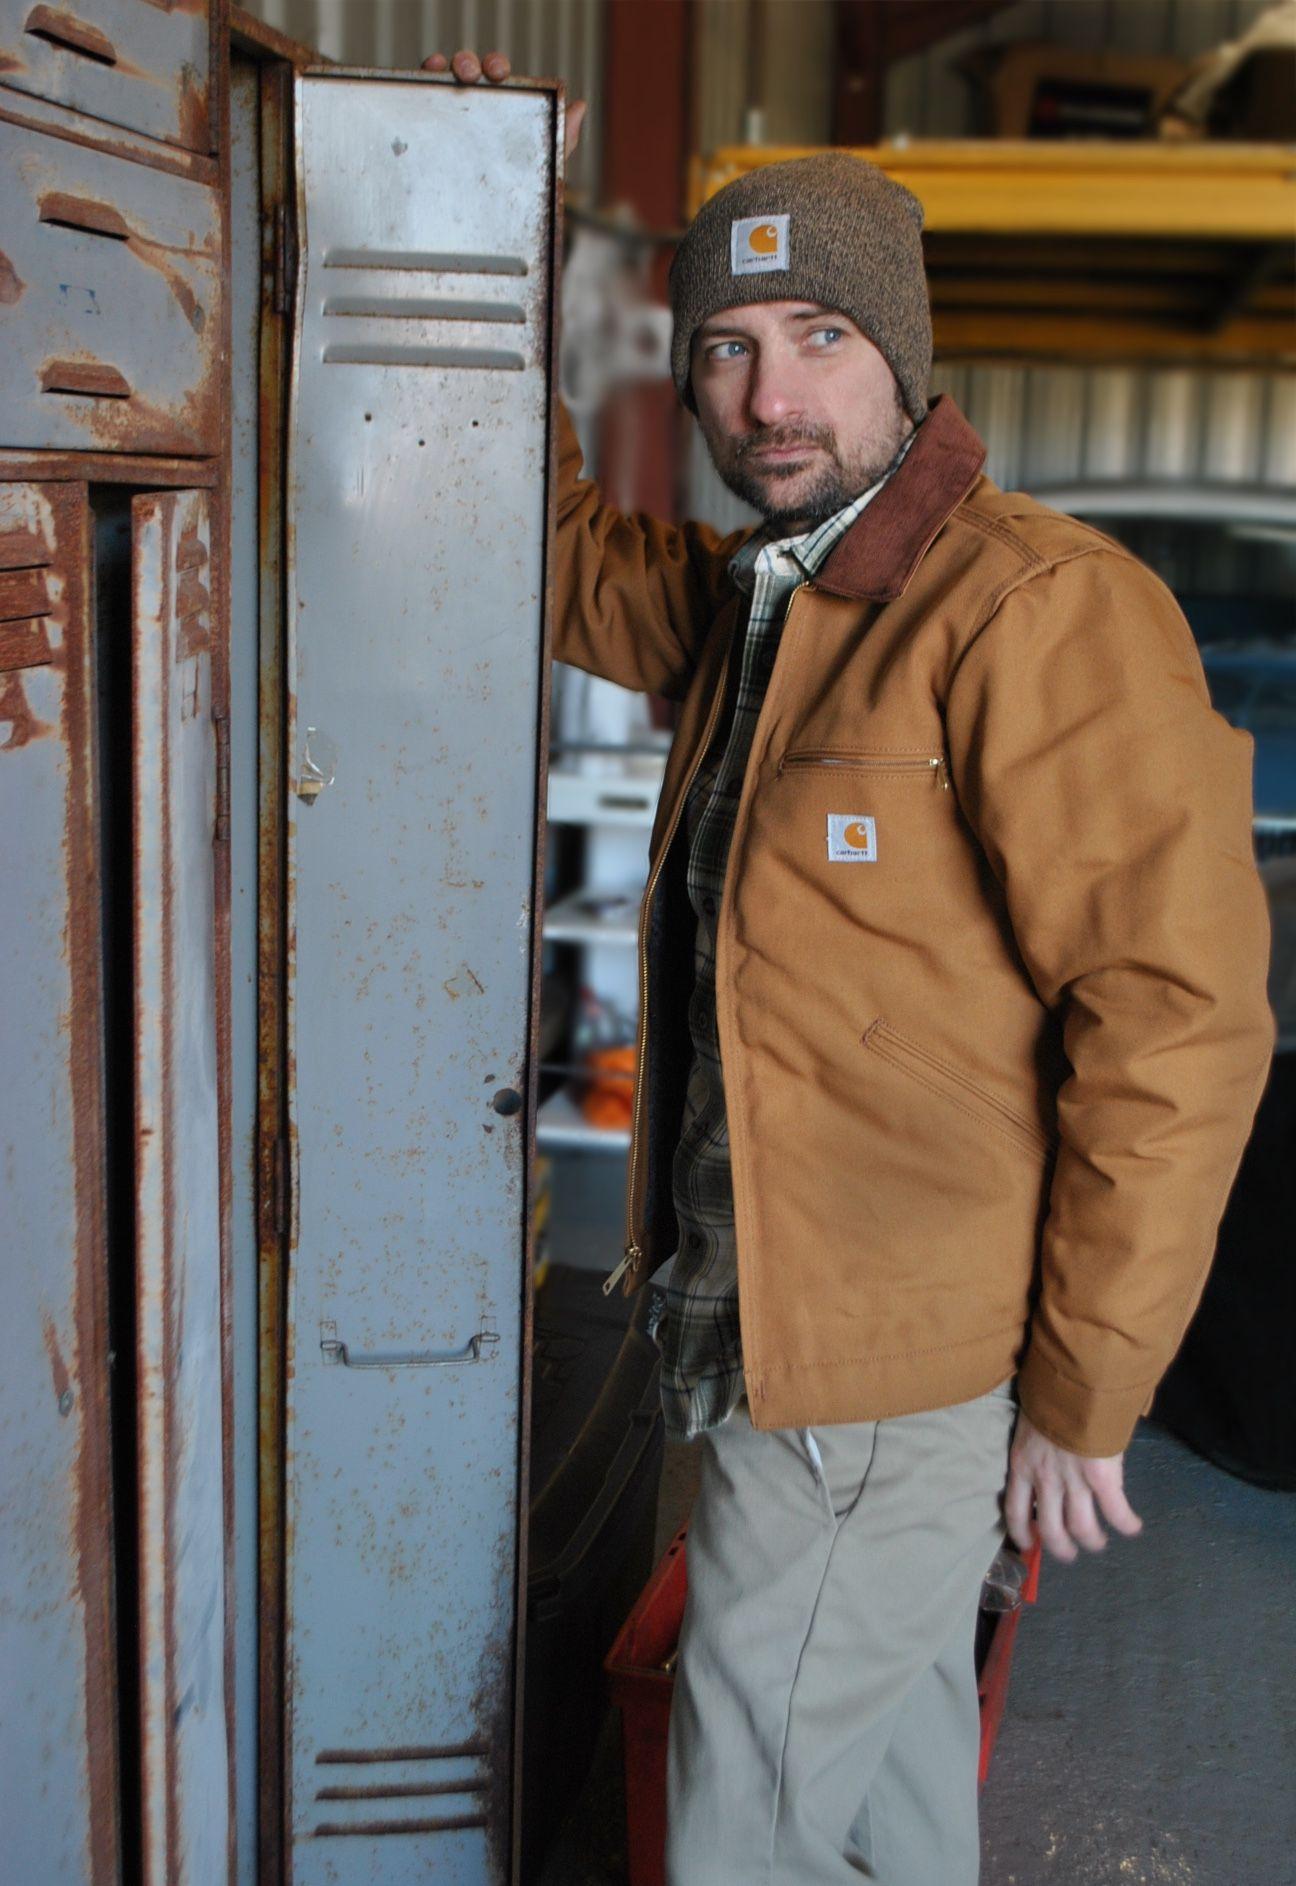 Carhartt Ej001 Jacket In Brown Great Workwear Jacket Indie Outfits Carhartt Jacket Hoodie Jacket [ 1886 x 1296 Pixel ]